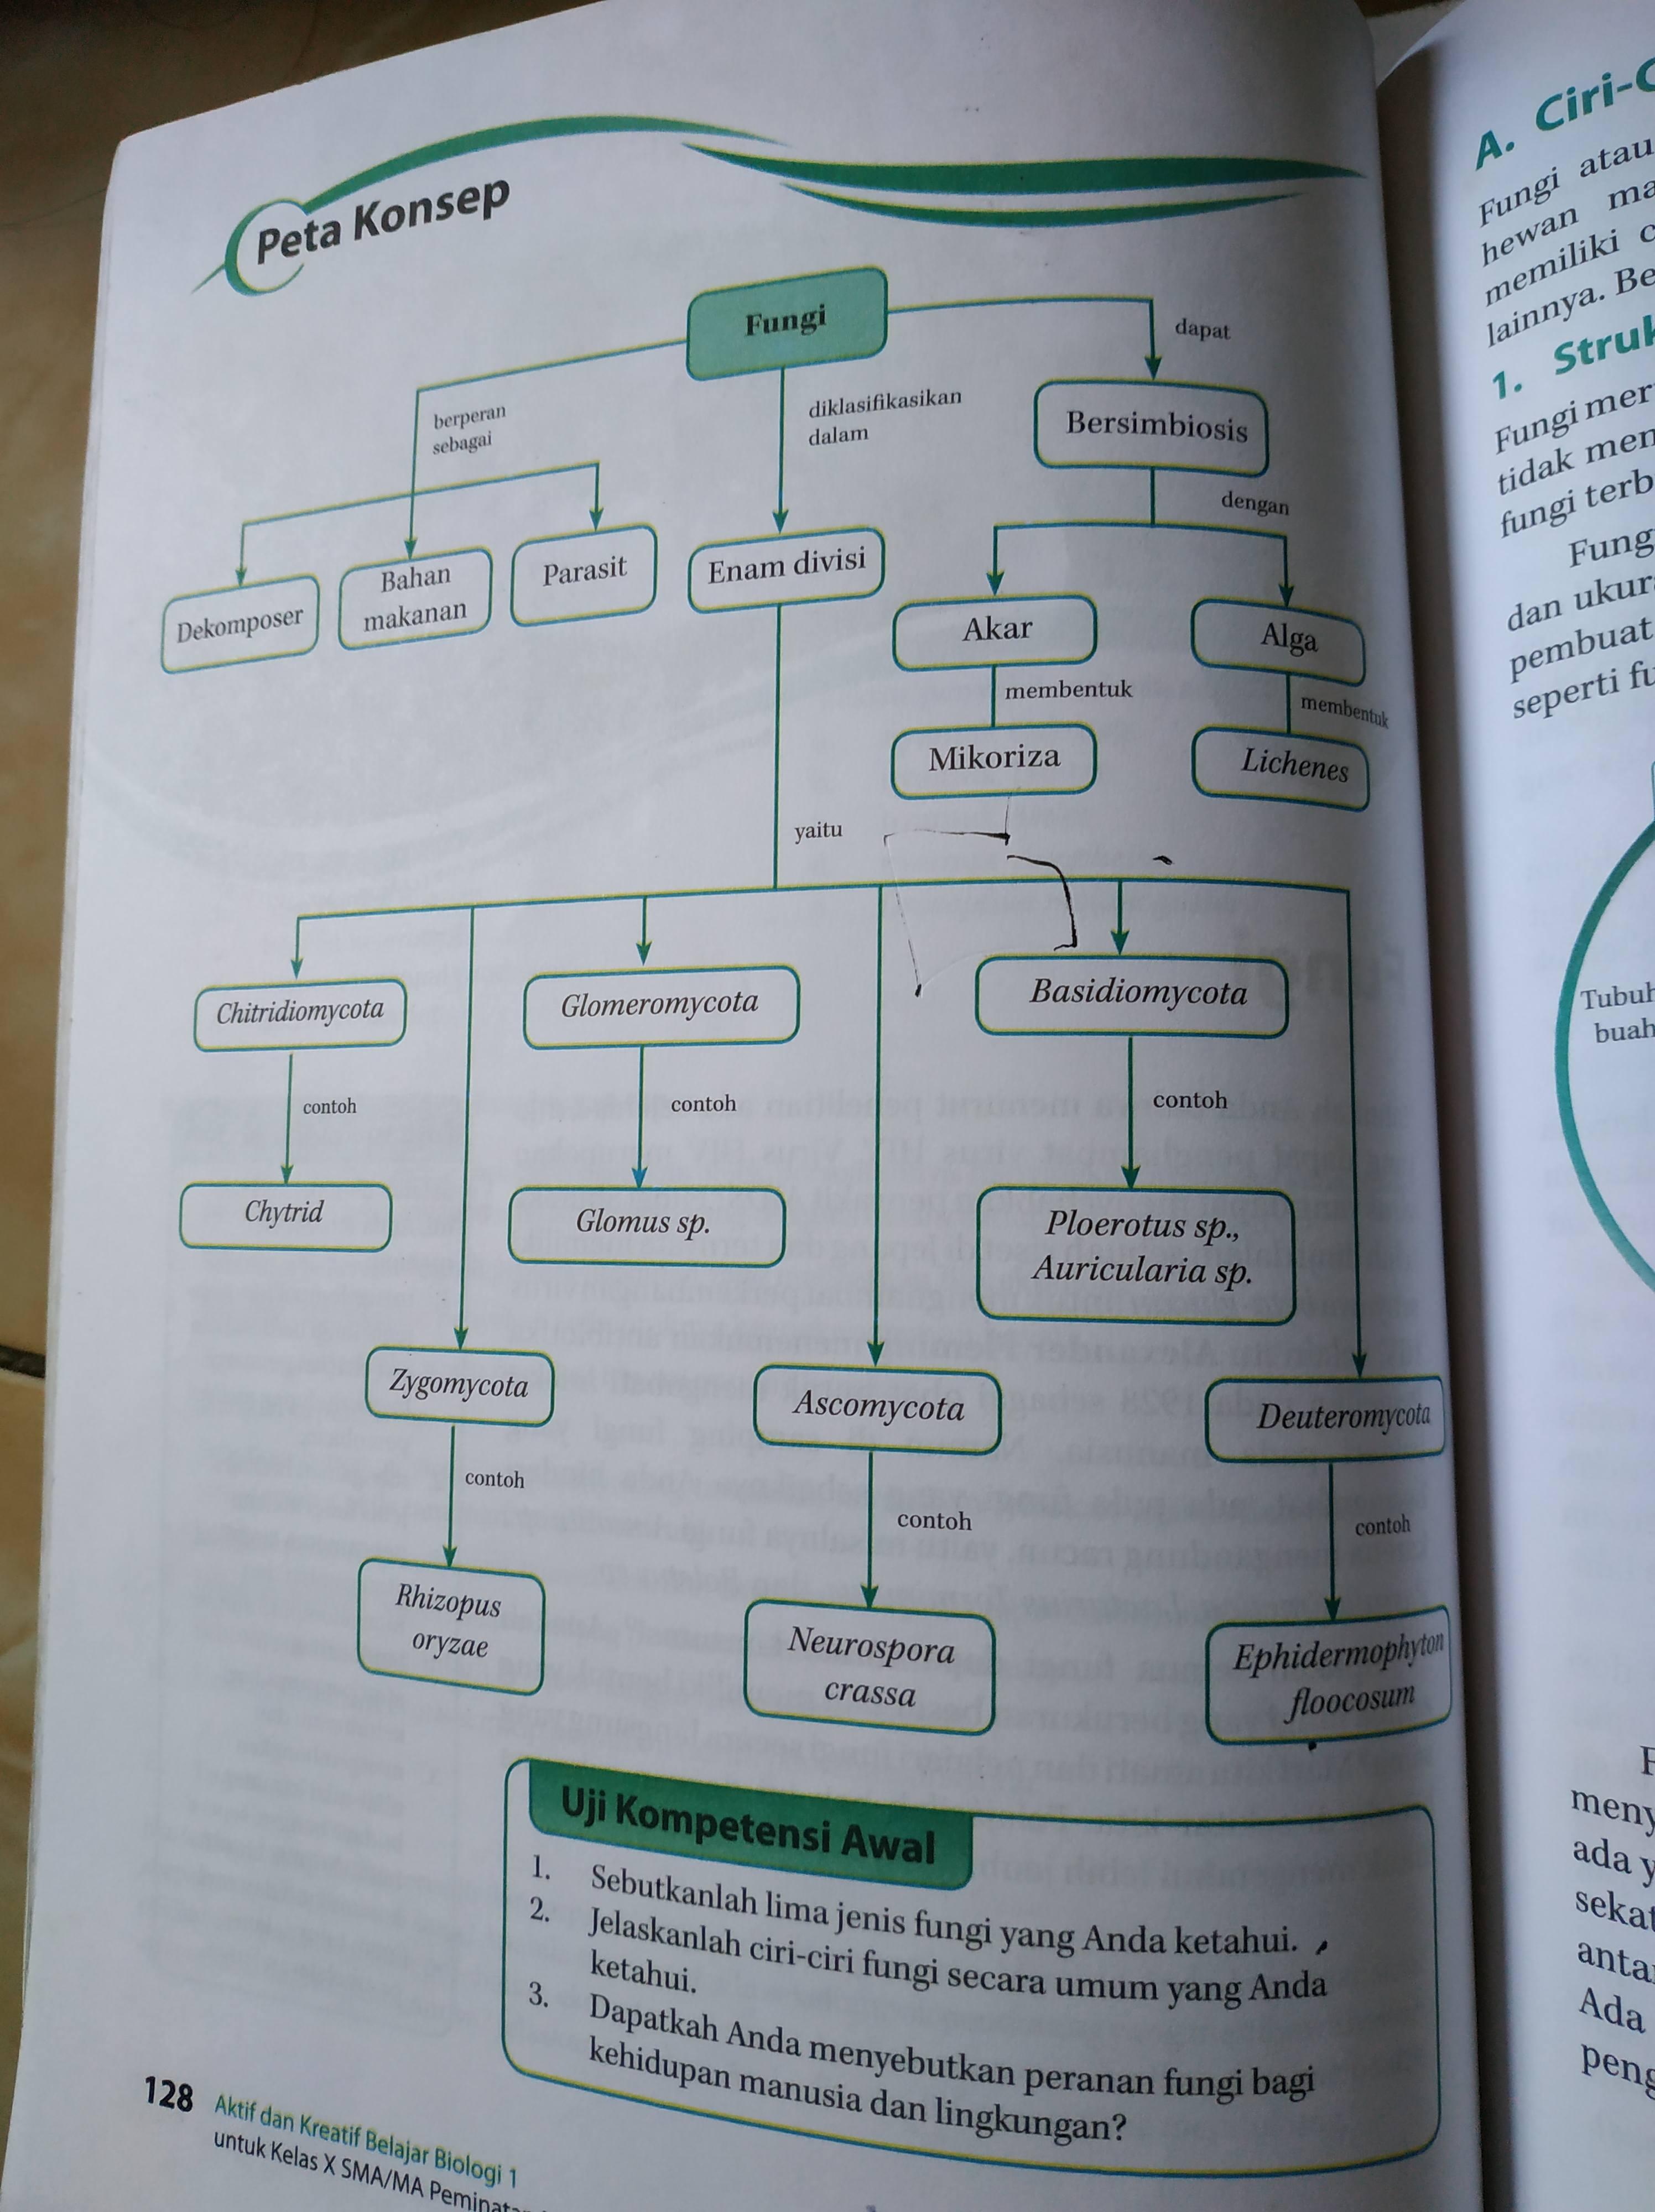 Pernyataan Tentang Kromosom Dna Dan Inti Sel Yang Benar ...